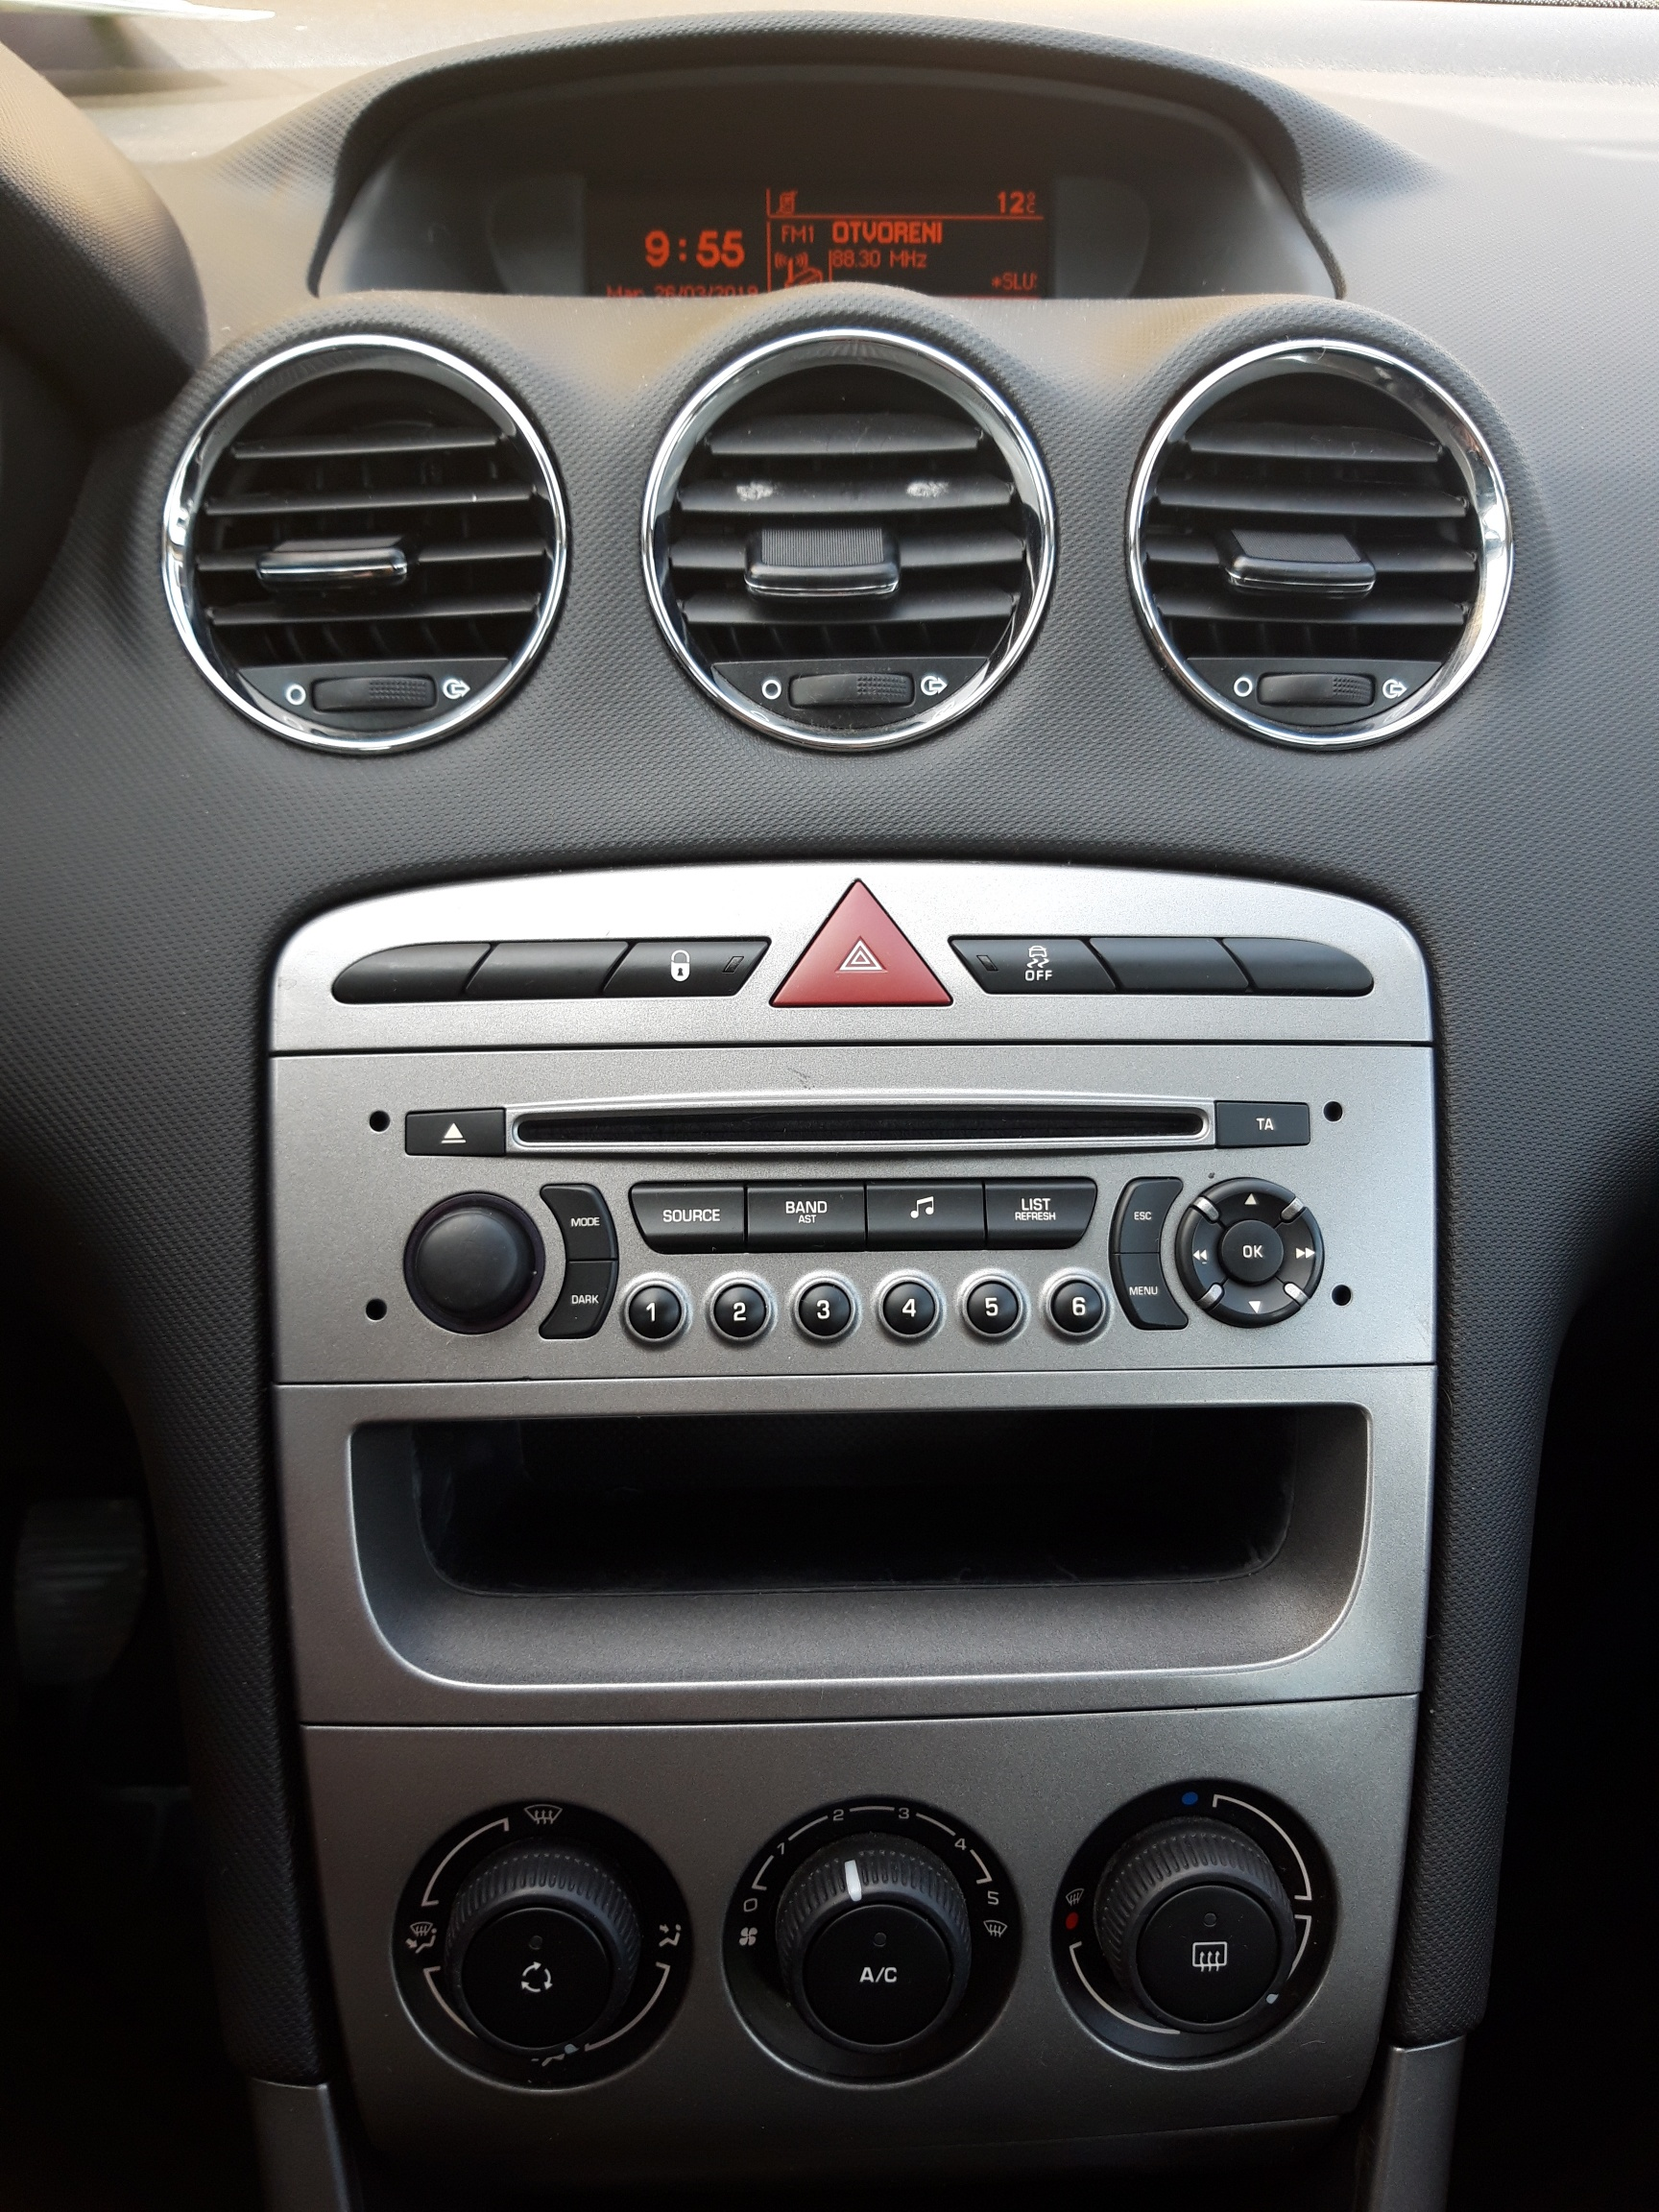 Peugeot 308 1.6 HDI 68kw - 5 godina garancije!